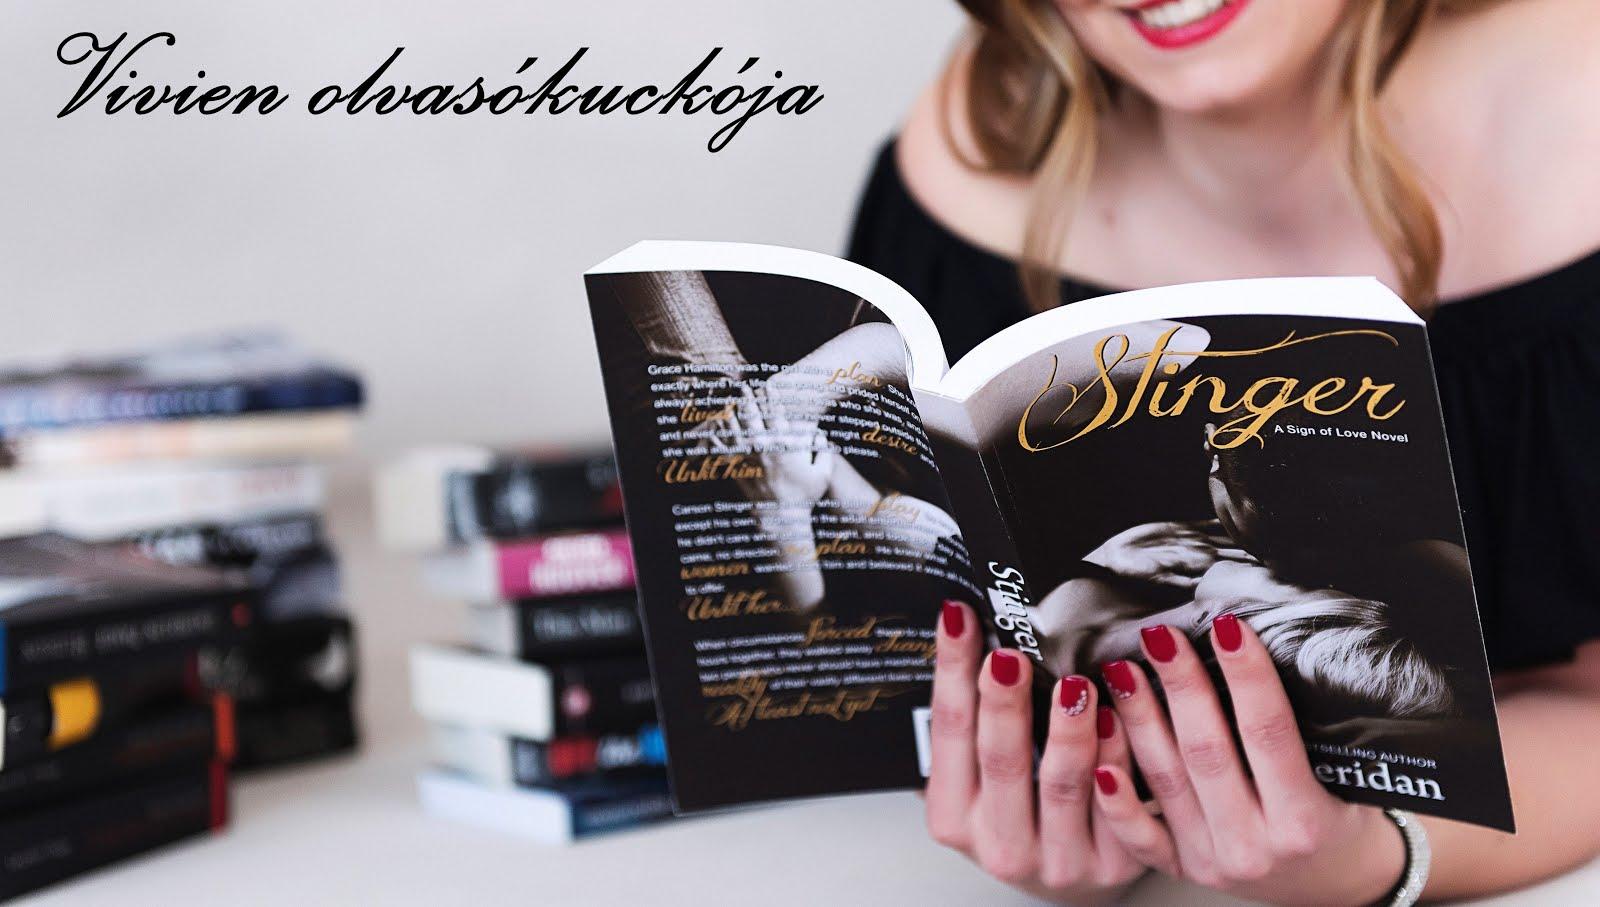 Vivien olvasókuckója